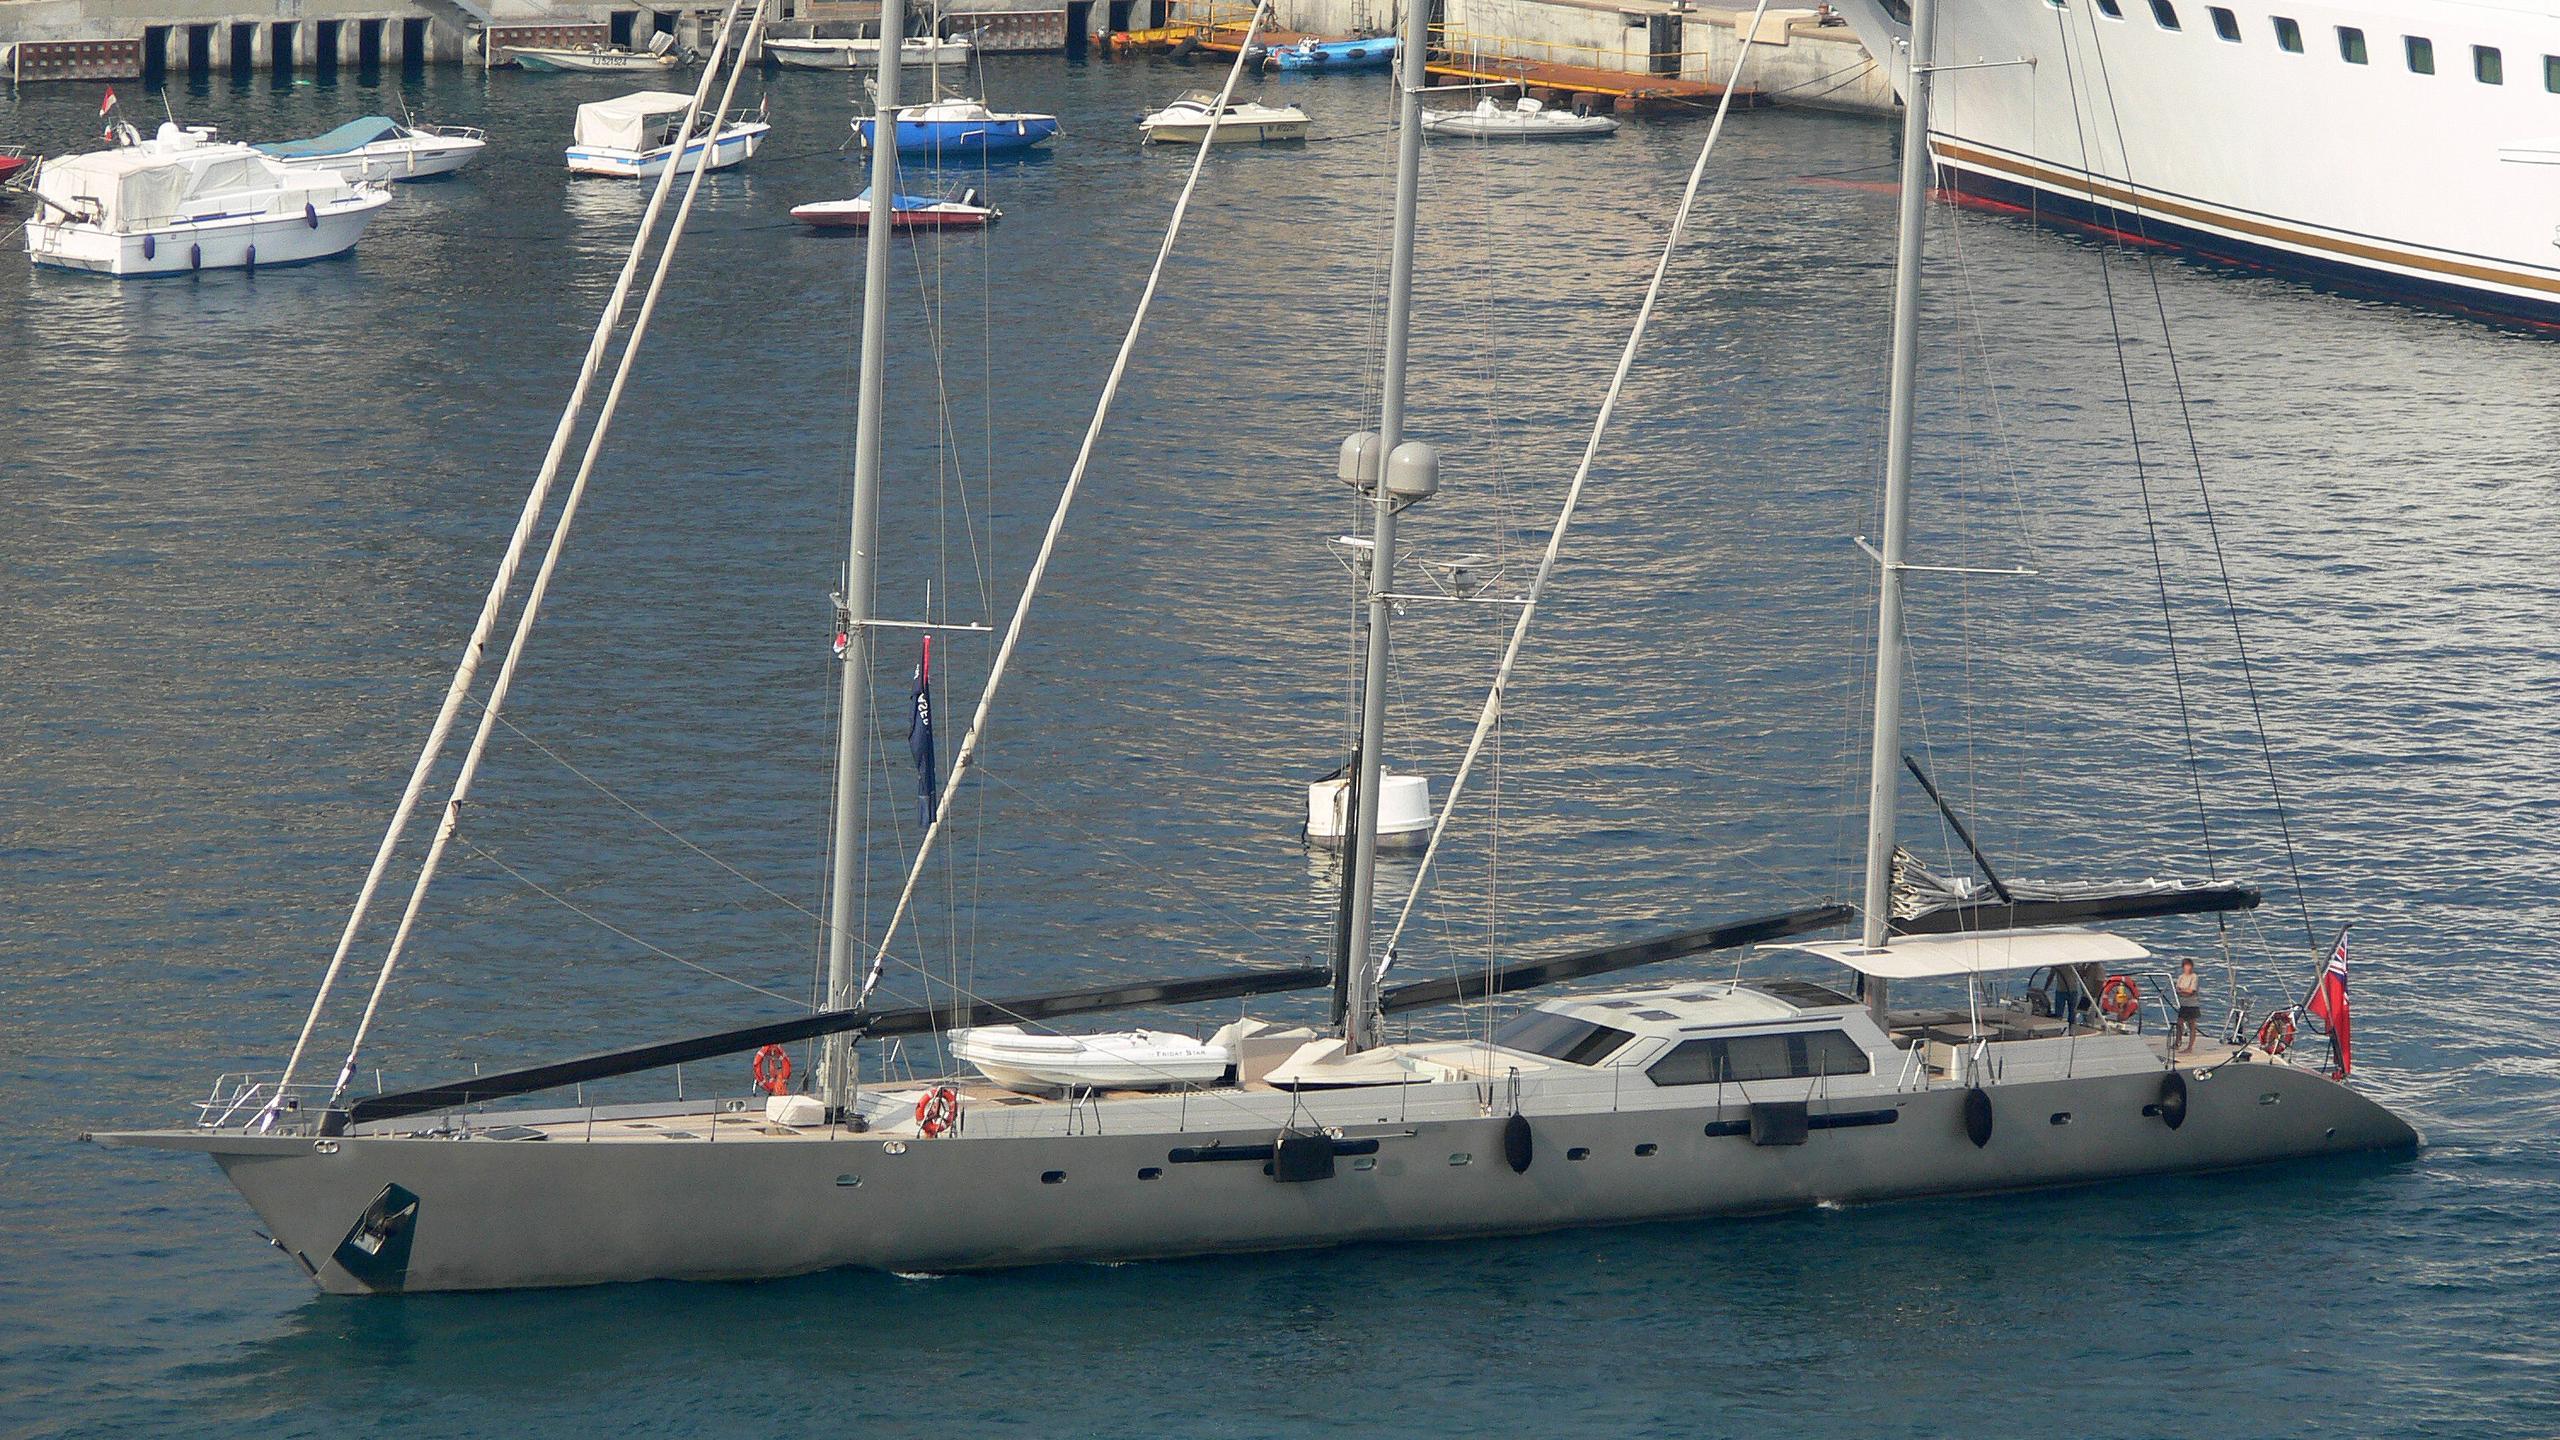 yamakay-sailing-yacht-cmn-1994-42m-profile